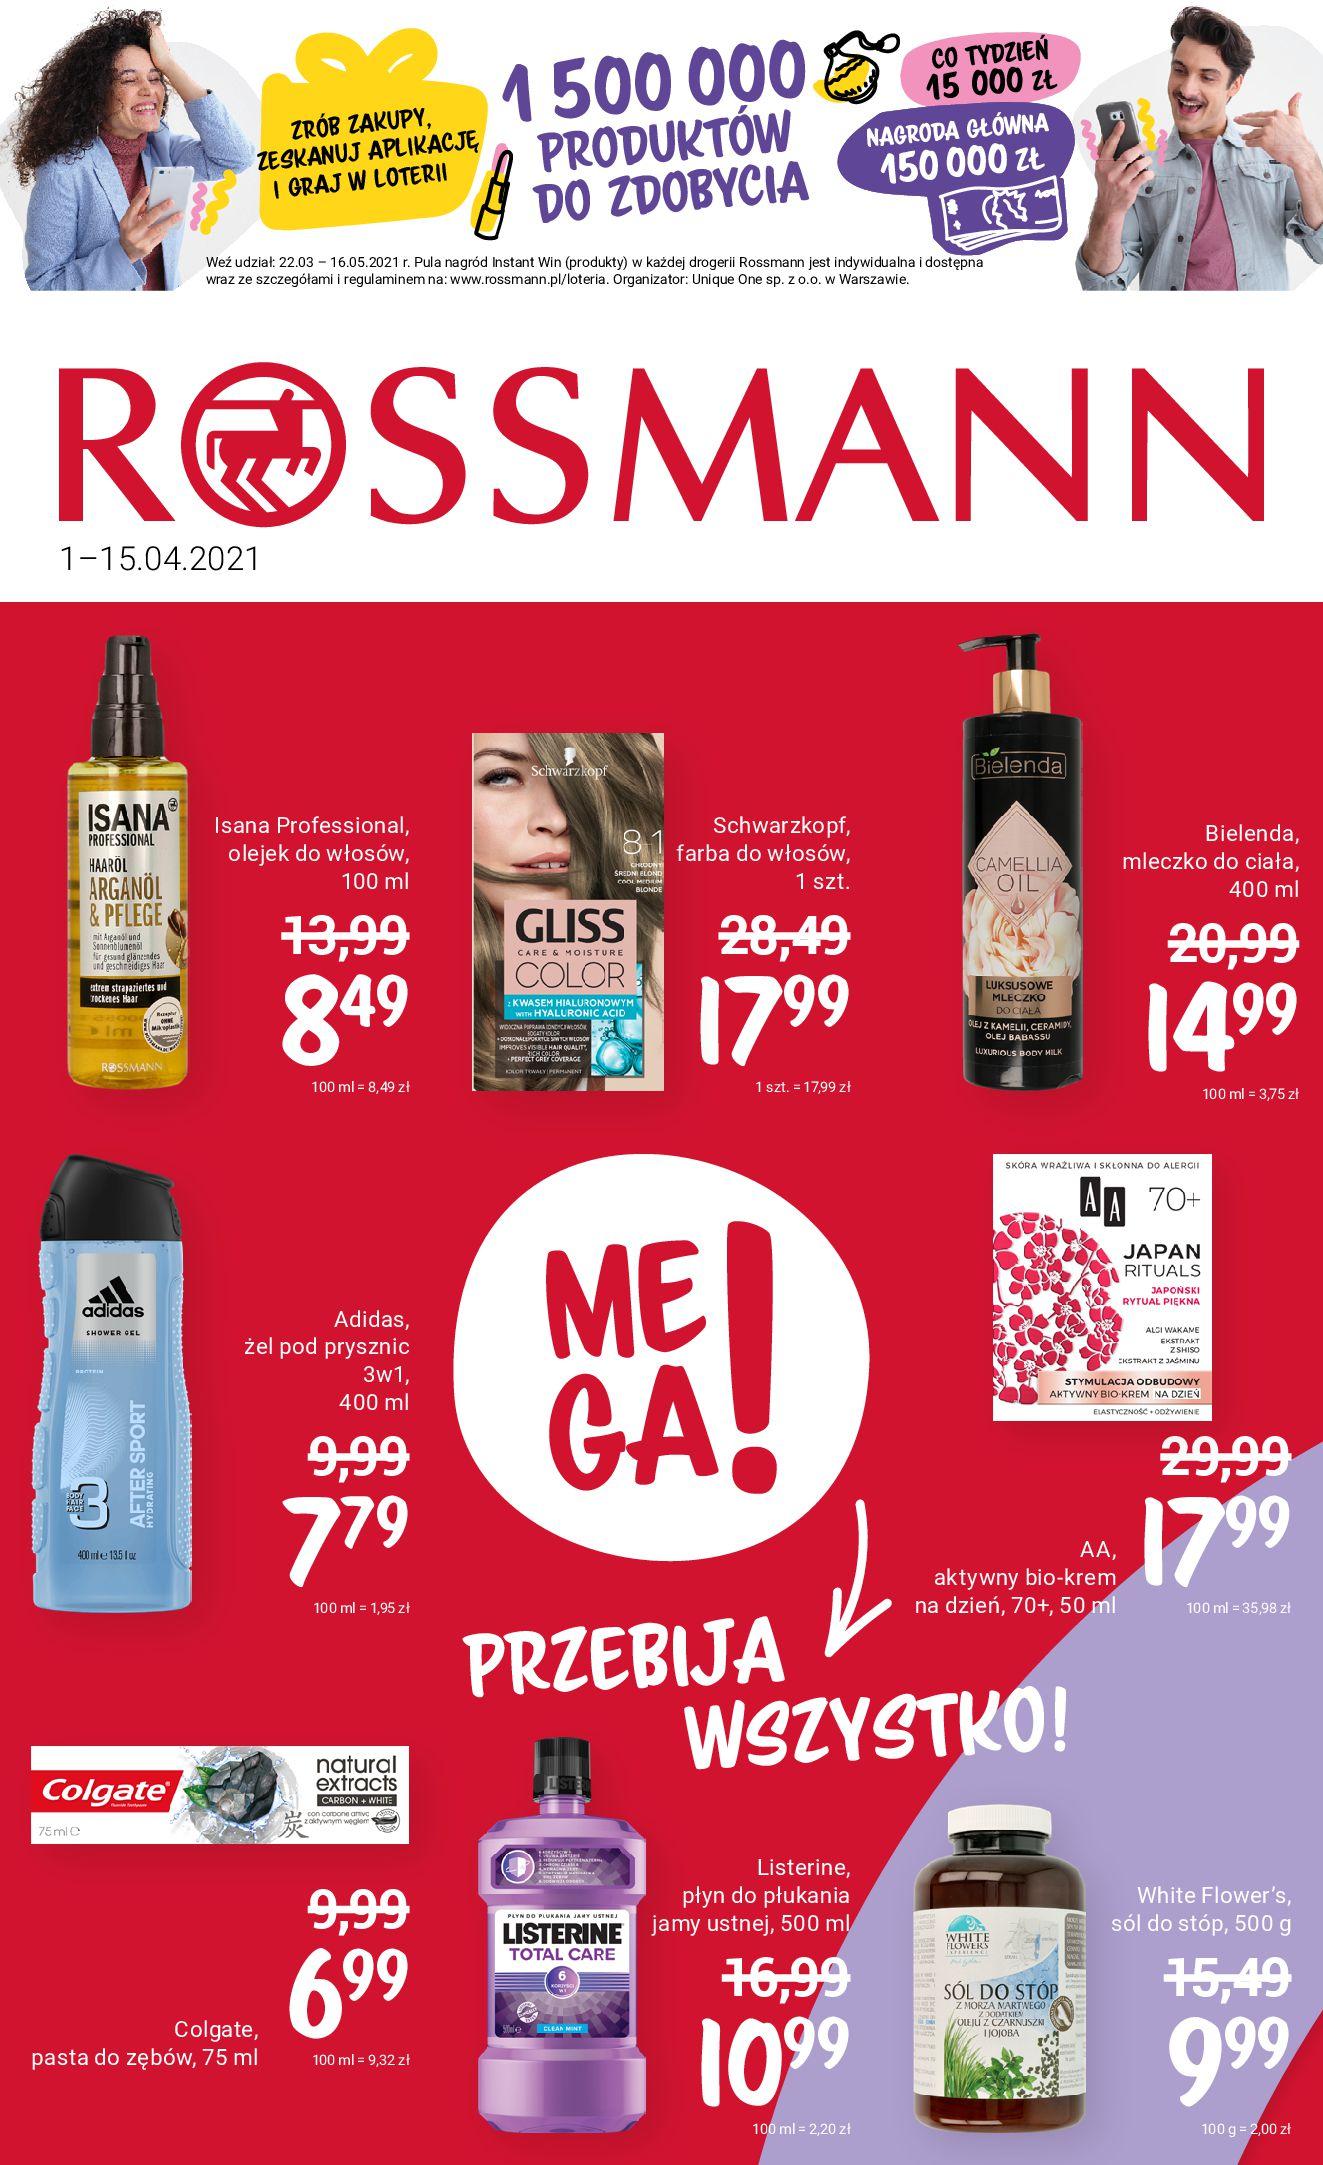 Rossmann:  Gazetka promocyjna od 01.04 31.03.2021